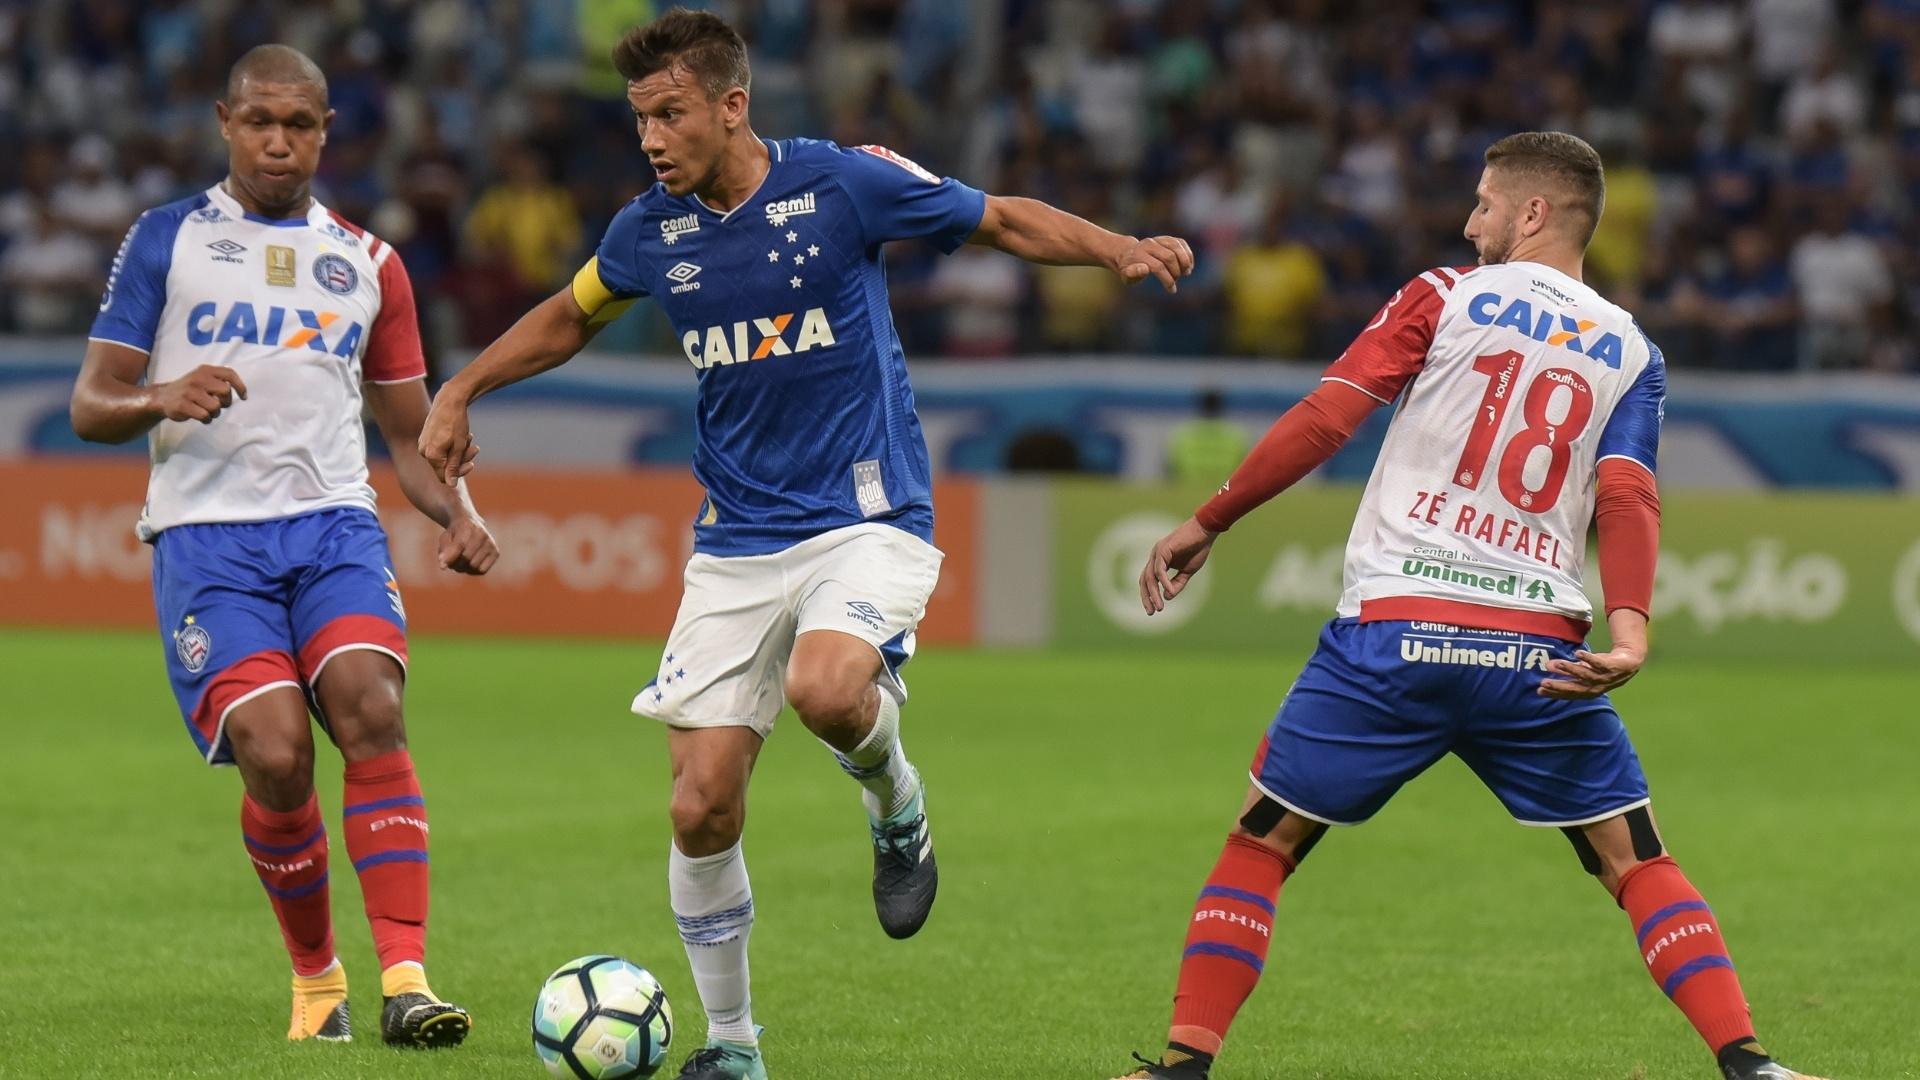 Henrique conduz a bola em Cruzeiro x Bahia